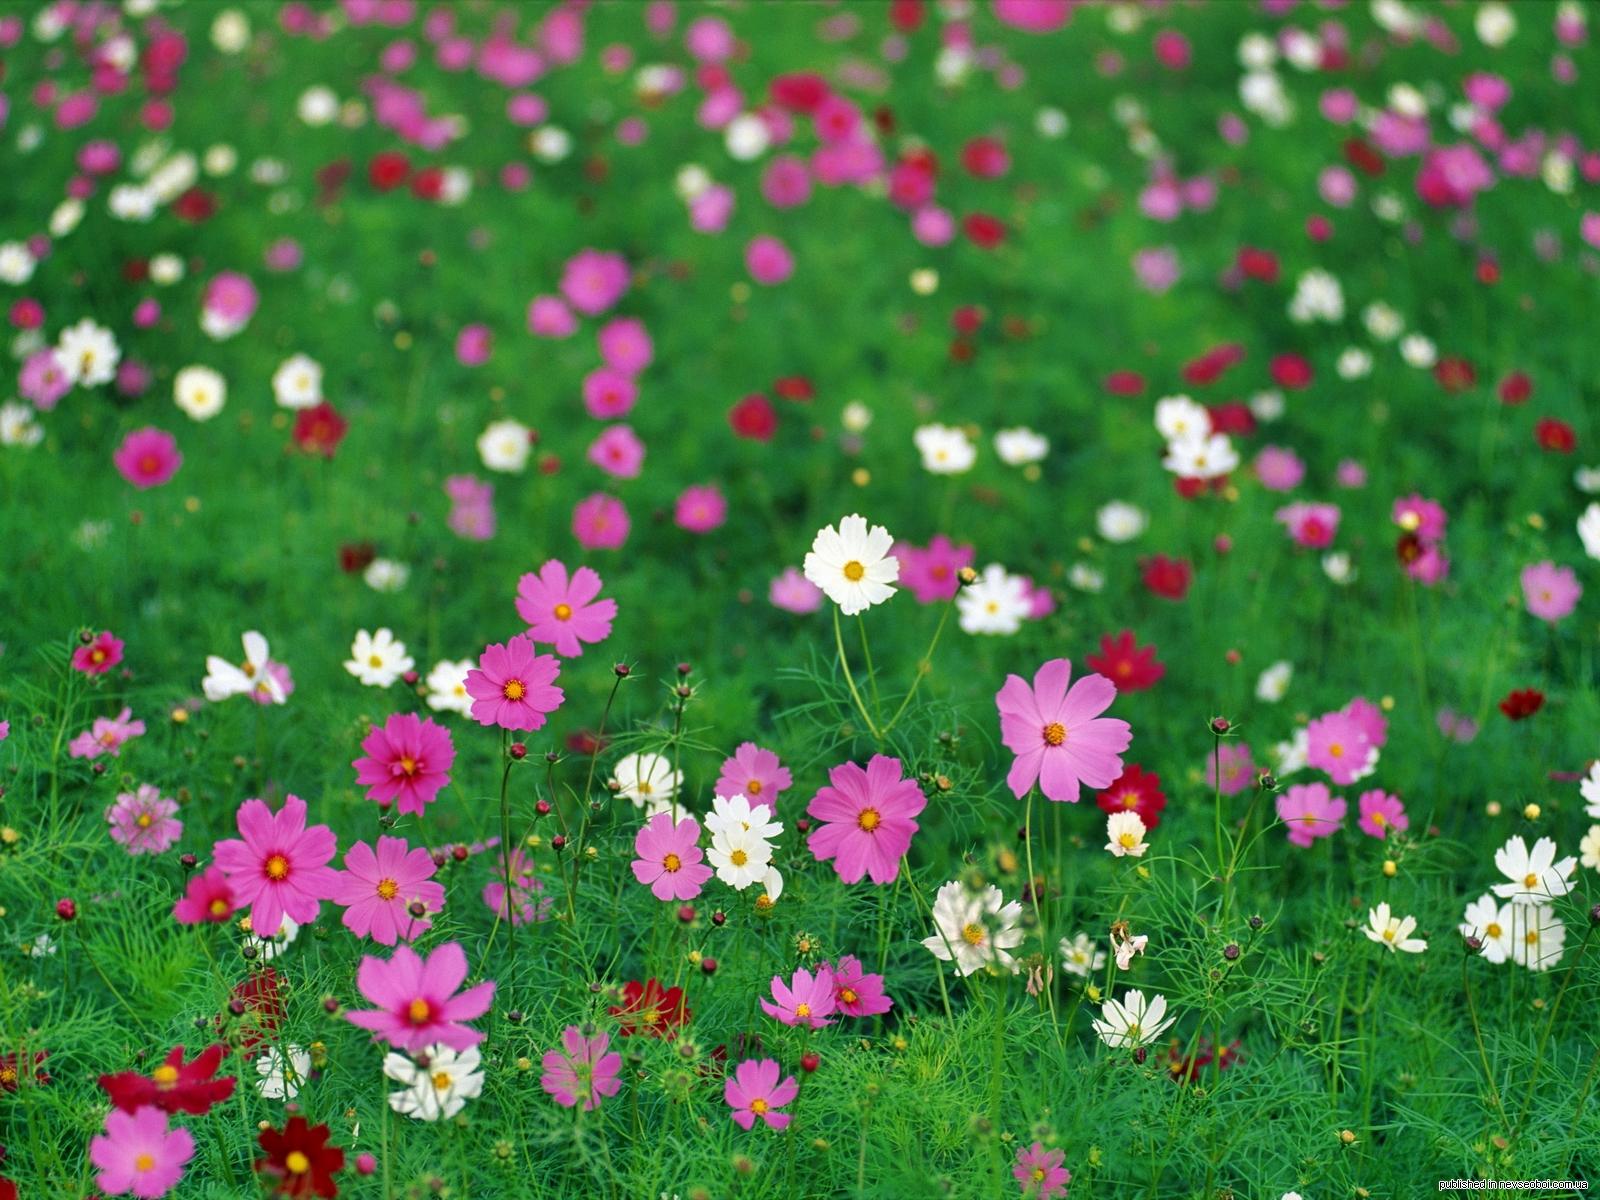 Сценарий итогового интегрированного занятия во второй младшей группе «цветочная полянка для милы»